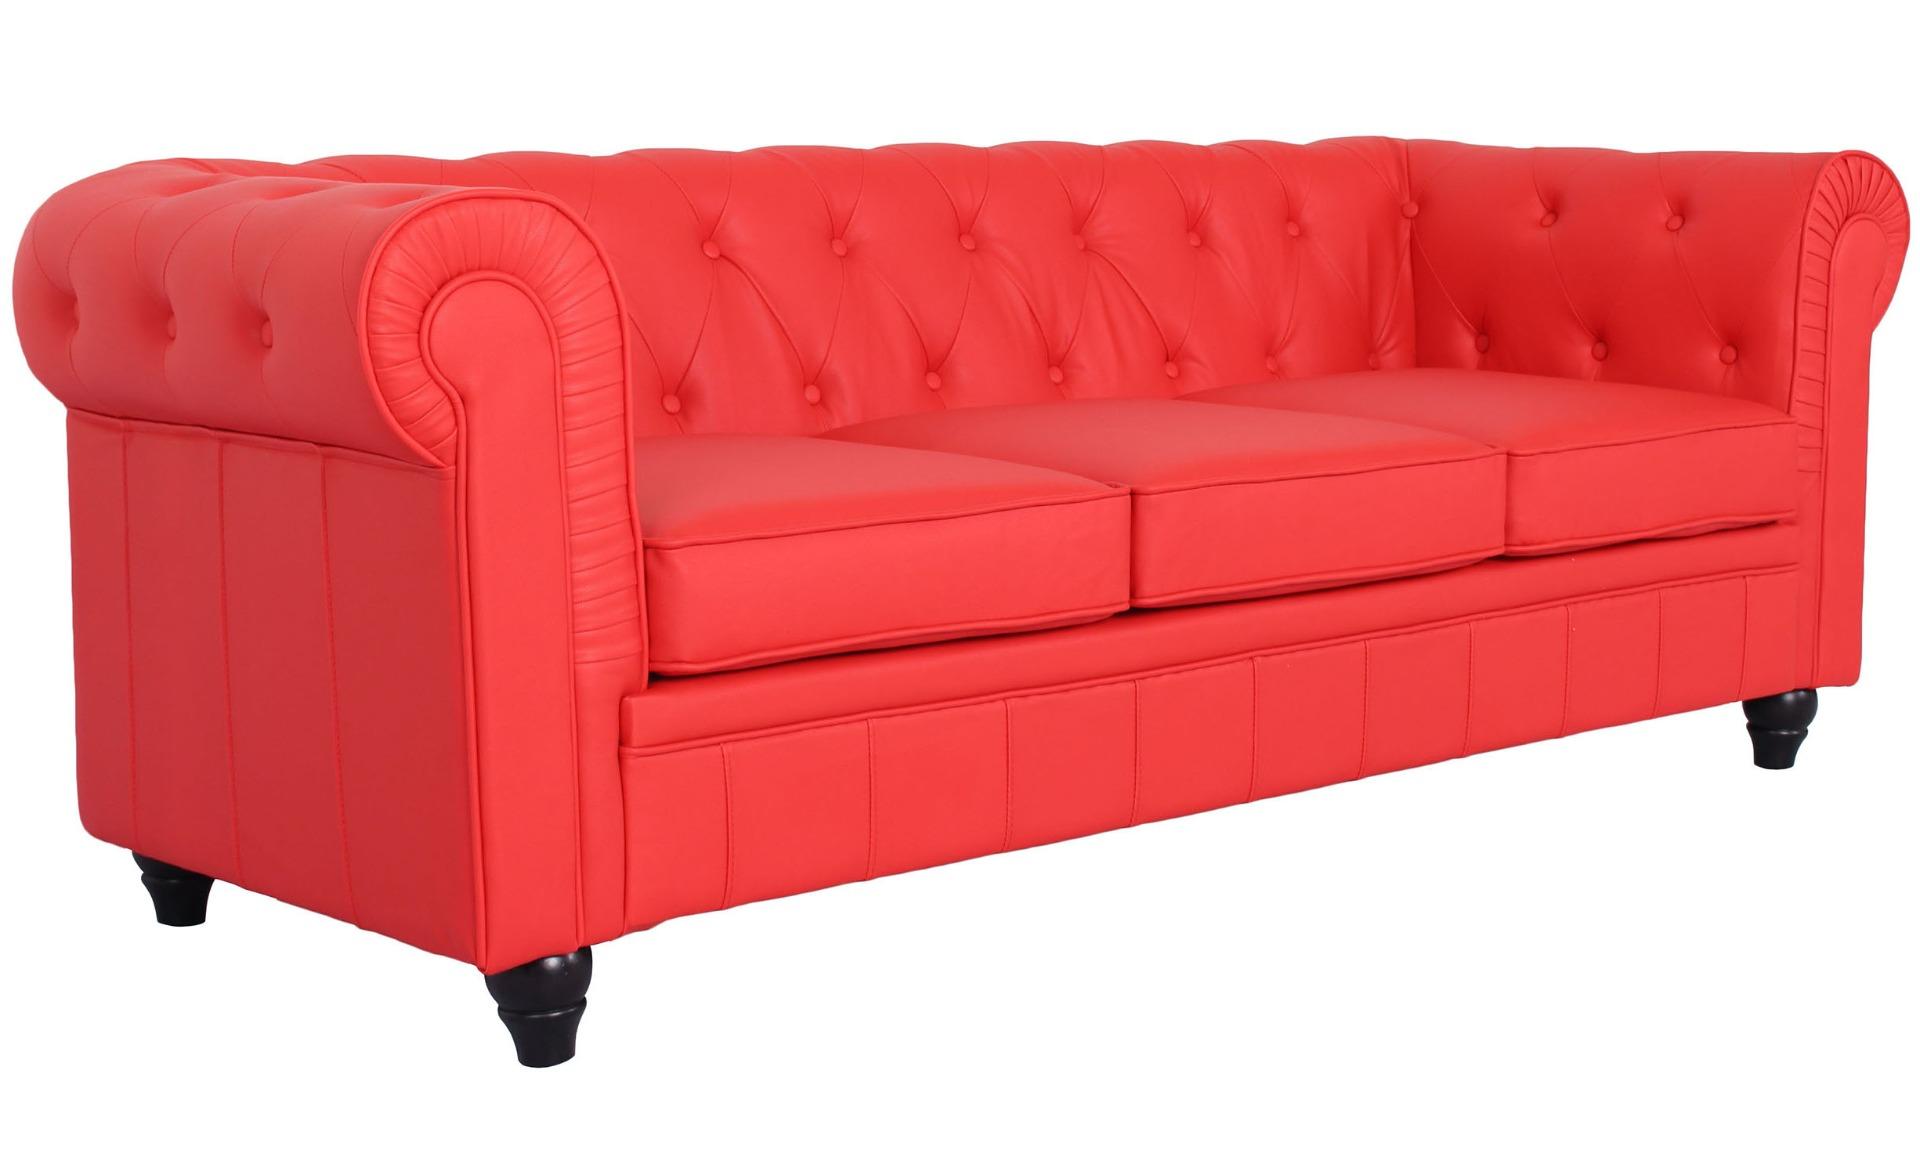 Ampio divano a 3 posti Chesterfield rosso